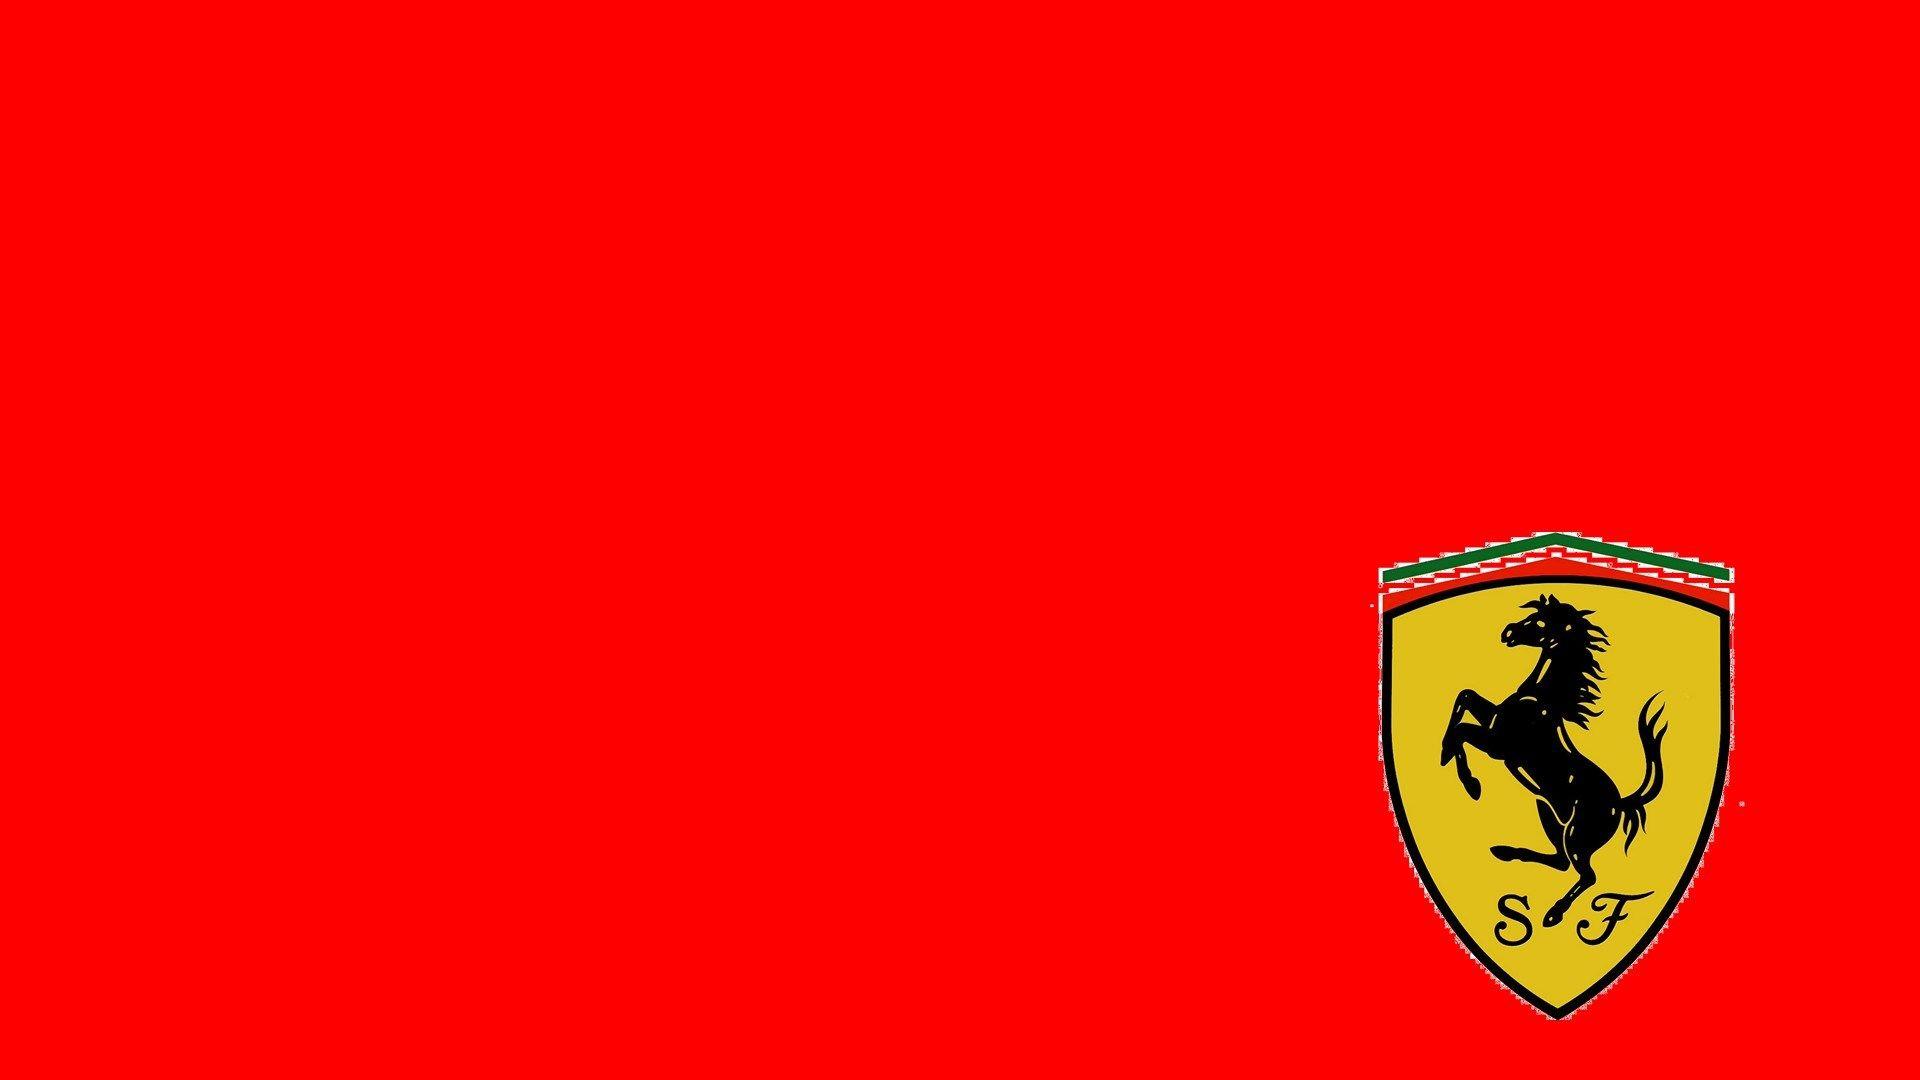 Scuderia Ferrari Logo Red Background 1920x1080 Hd Motorsport Ferrari Logo Ferrari Logos